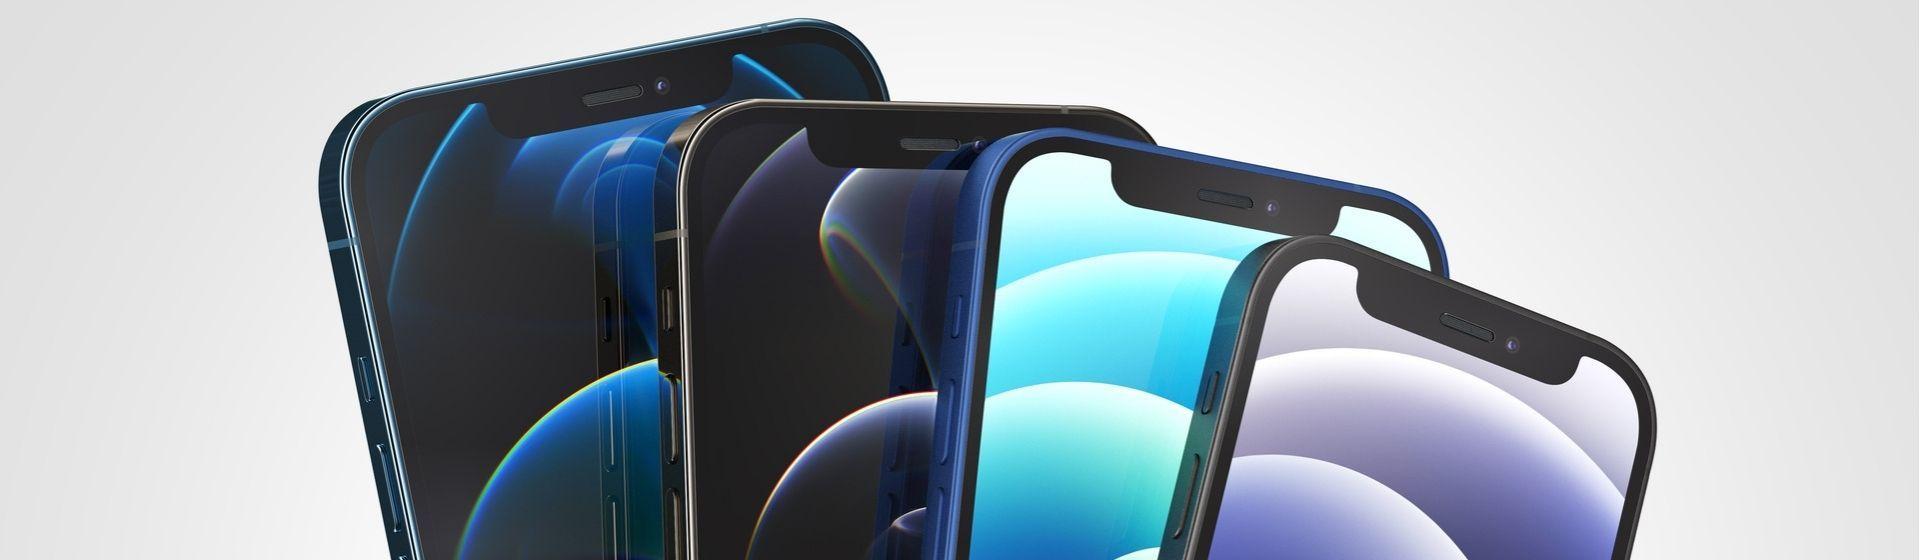 iPhone 12: qual é o melhor modelo da última geração da Apple?